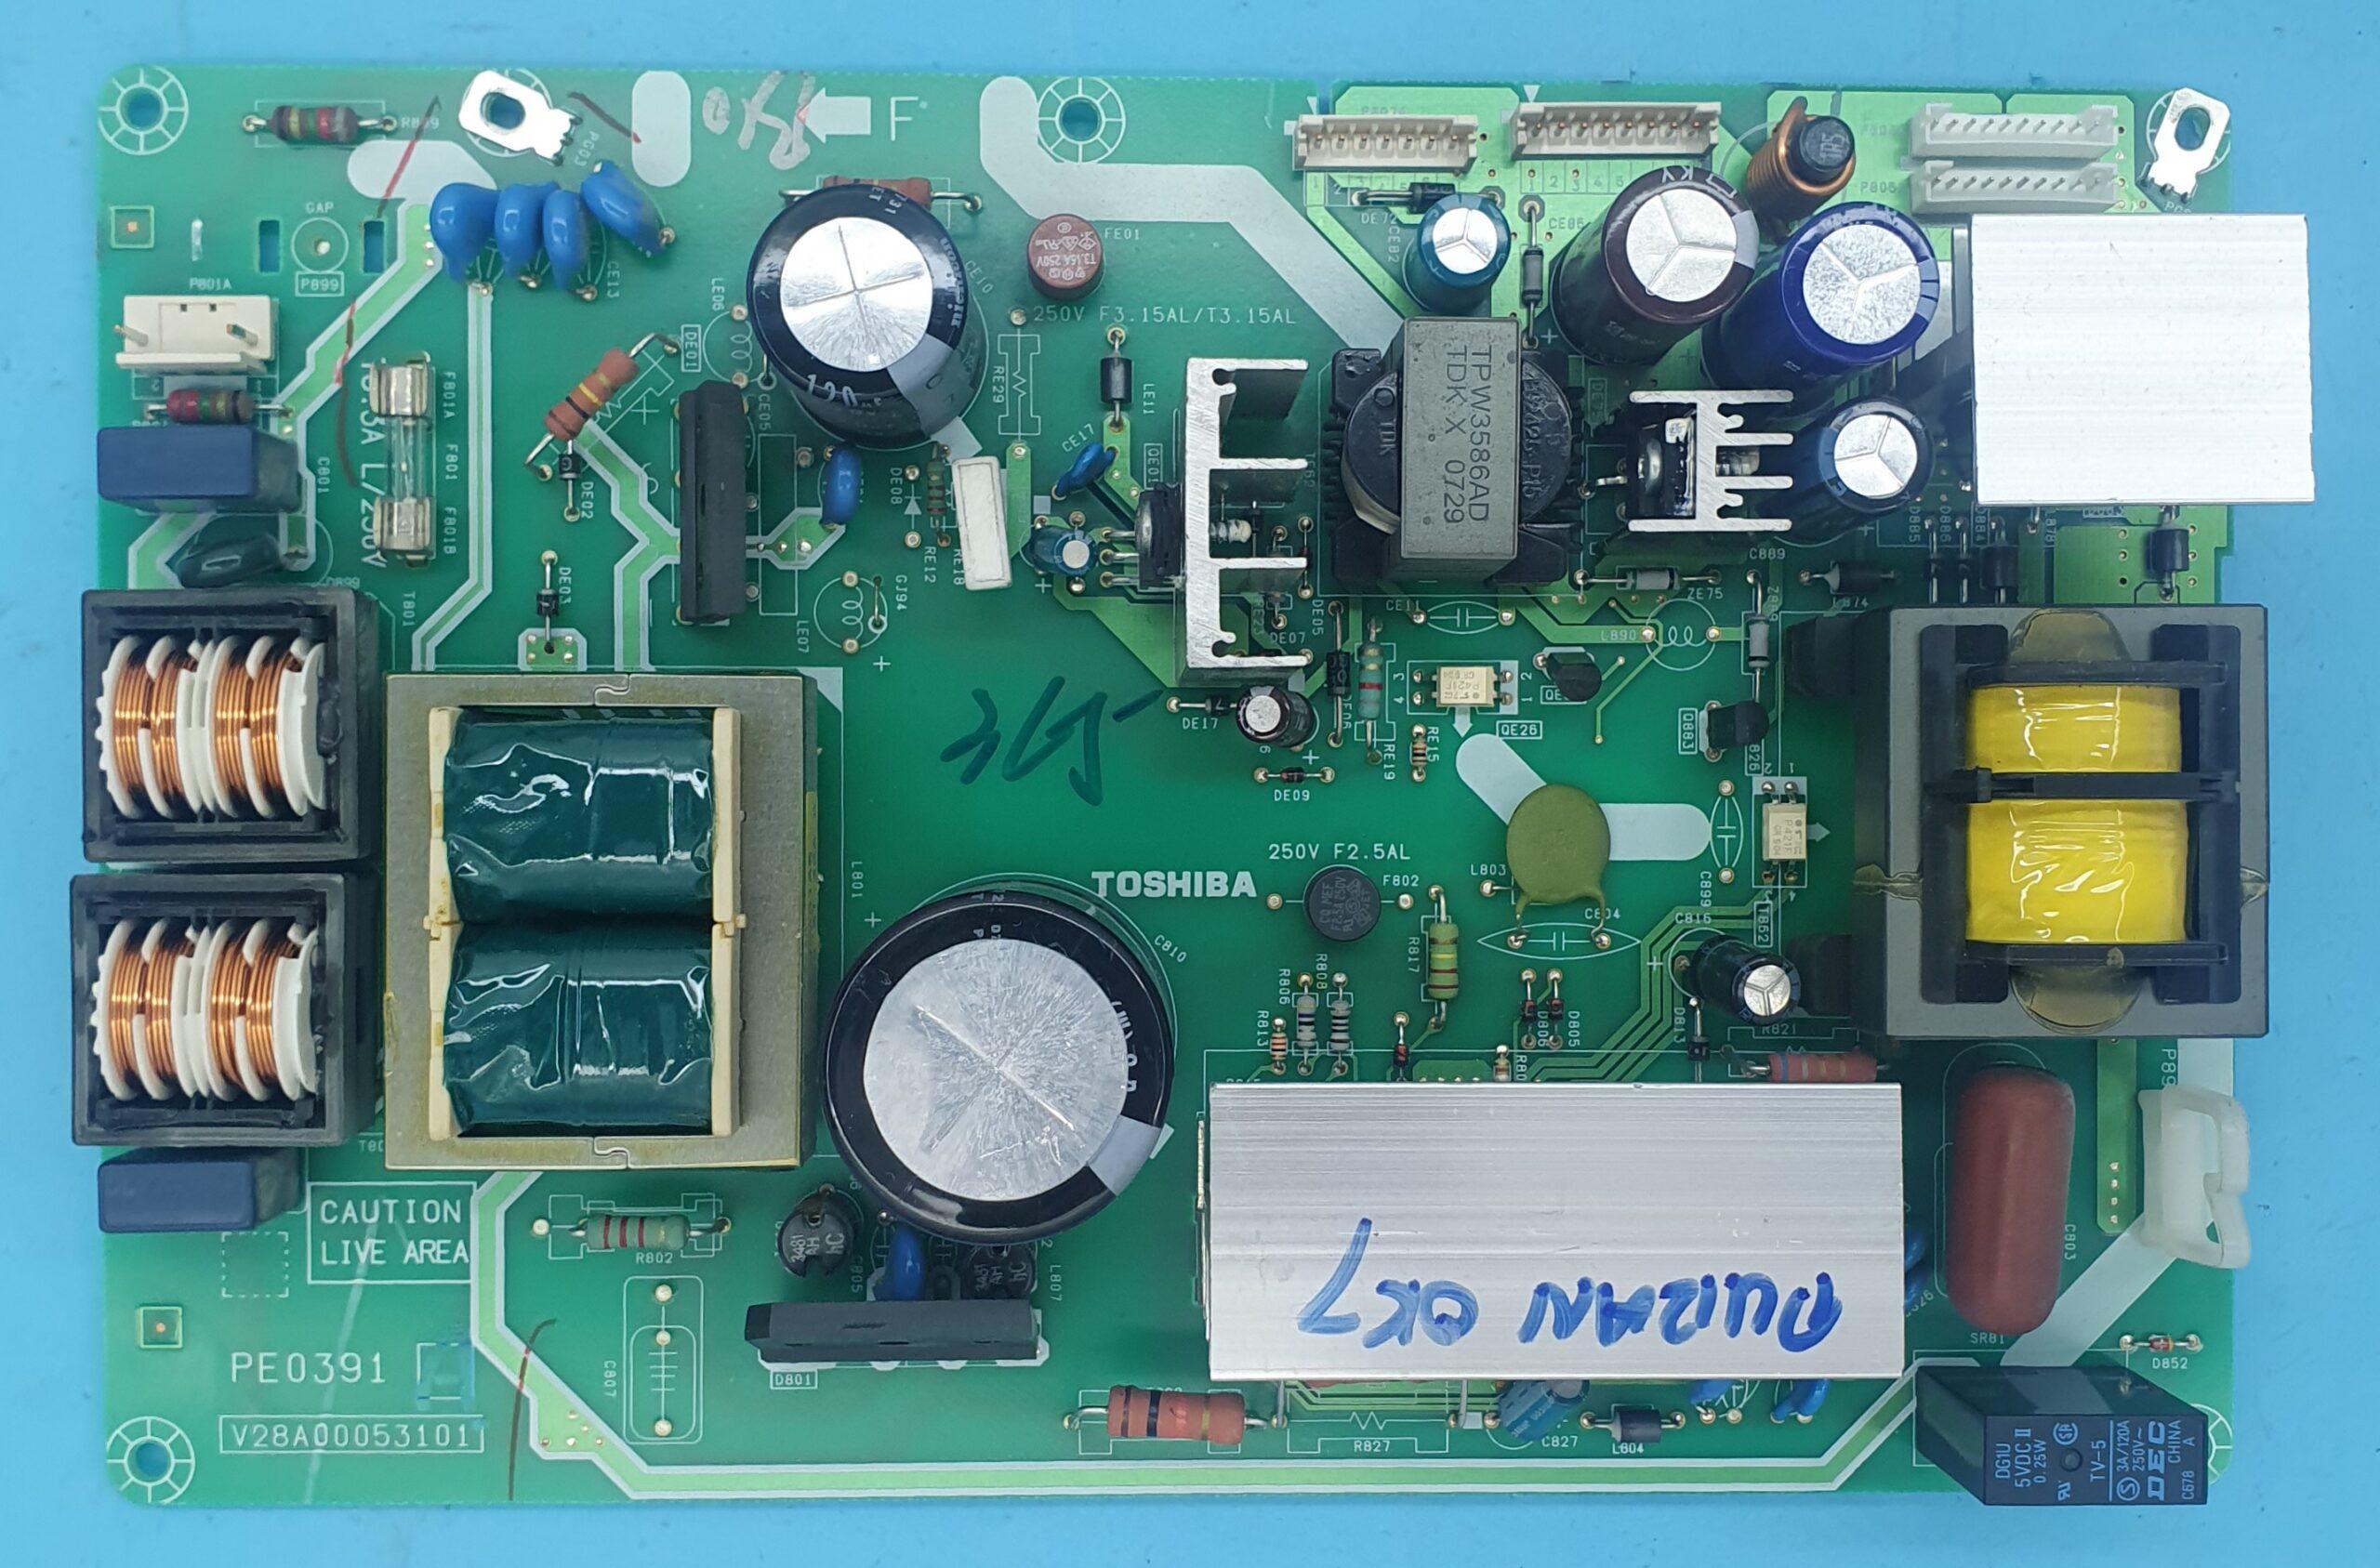 PE0391-V28A00053101 TOSHIBA Power (KDV DAHİL = 118 TL)